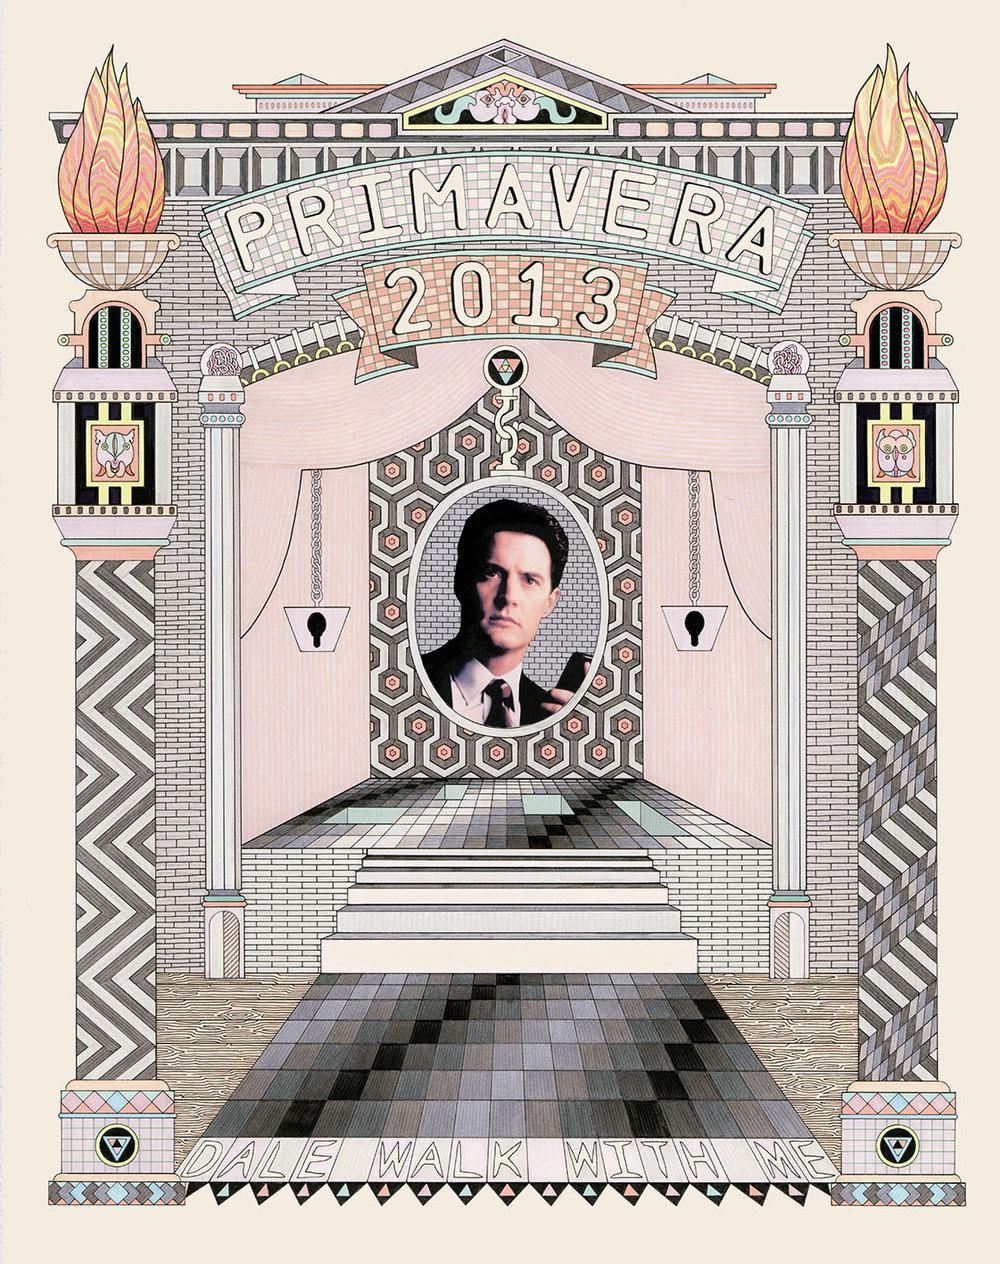 Cover for Primavera exhibition catalogue, 2013